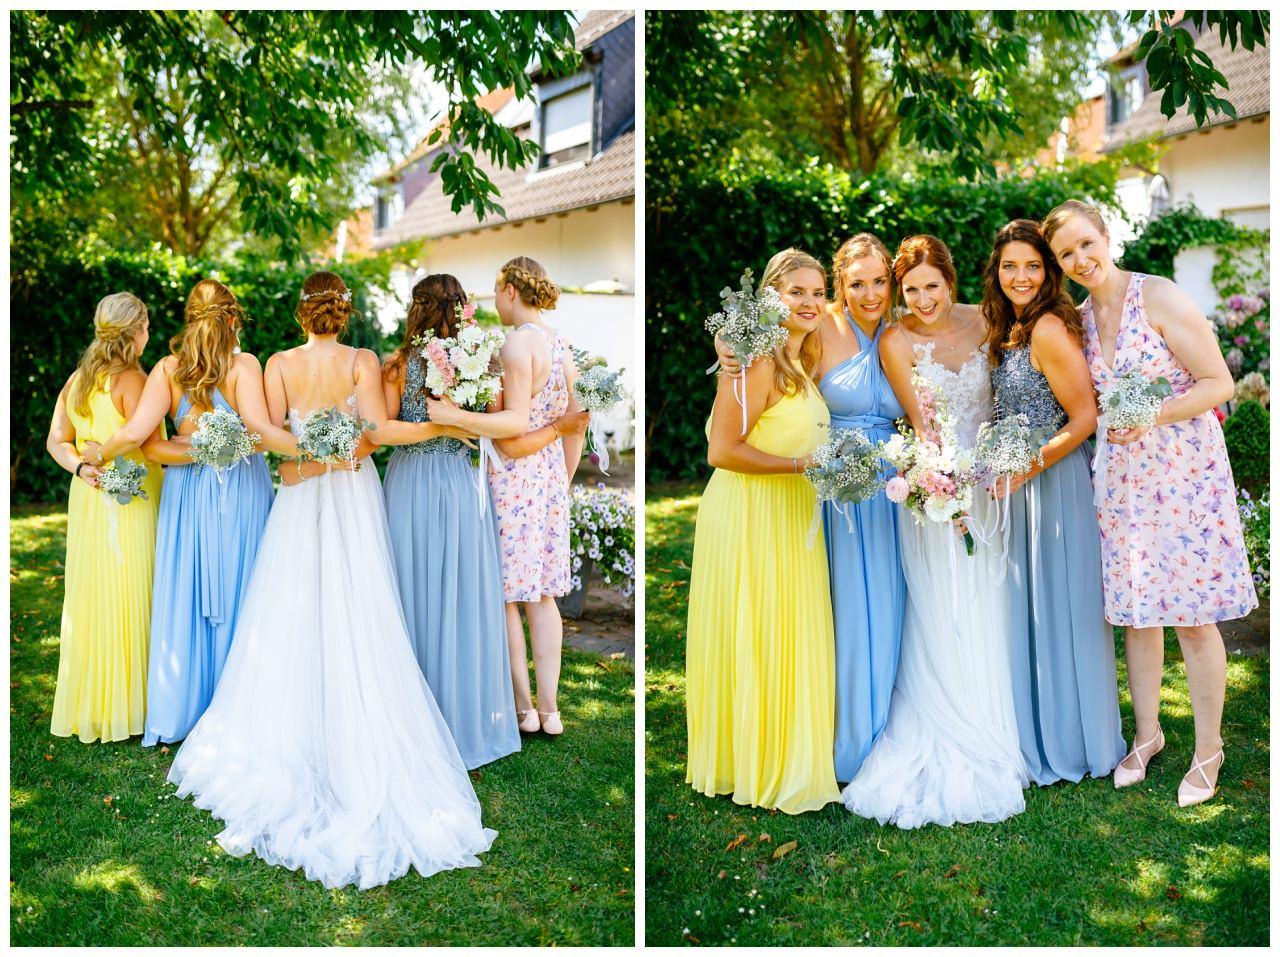 Die Brautjungfern in bunten Brautjungfernkleidern vor der Hochzeit im Landgut am Hochwald.